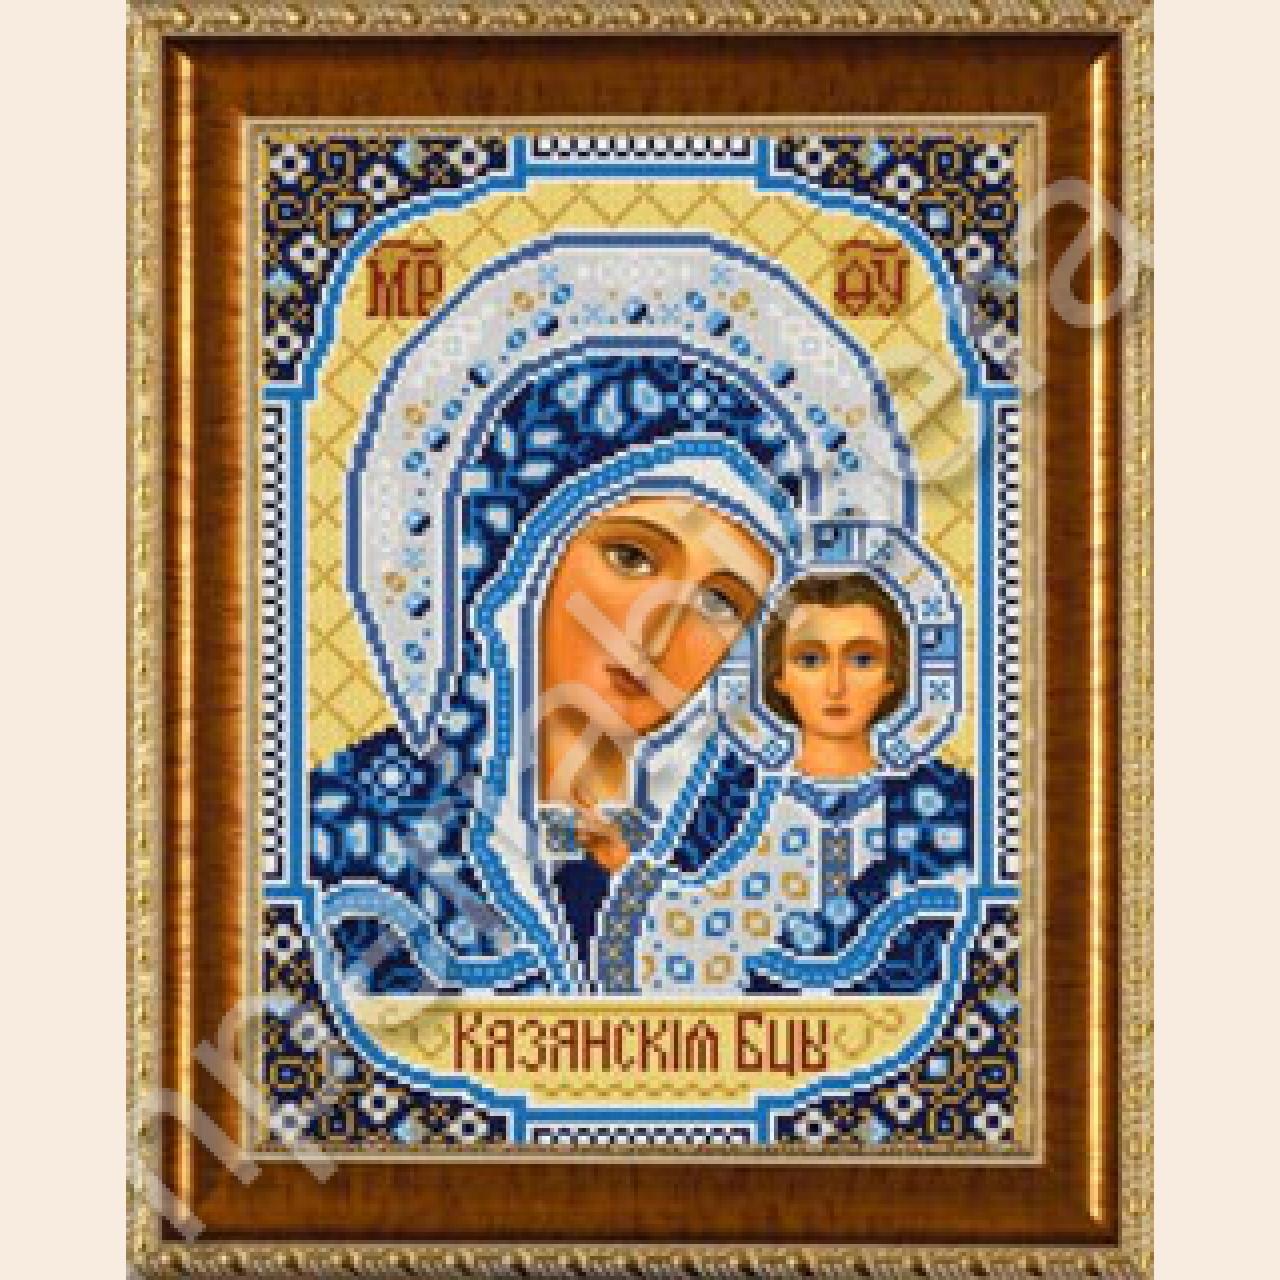 Вышивка бисером схемы иконы - Вышивка крестом схемы и.